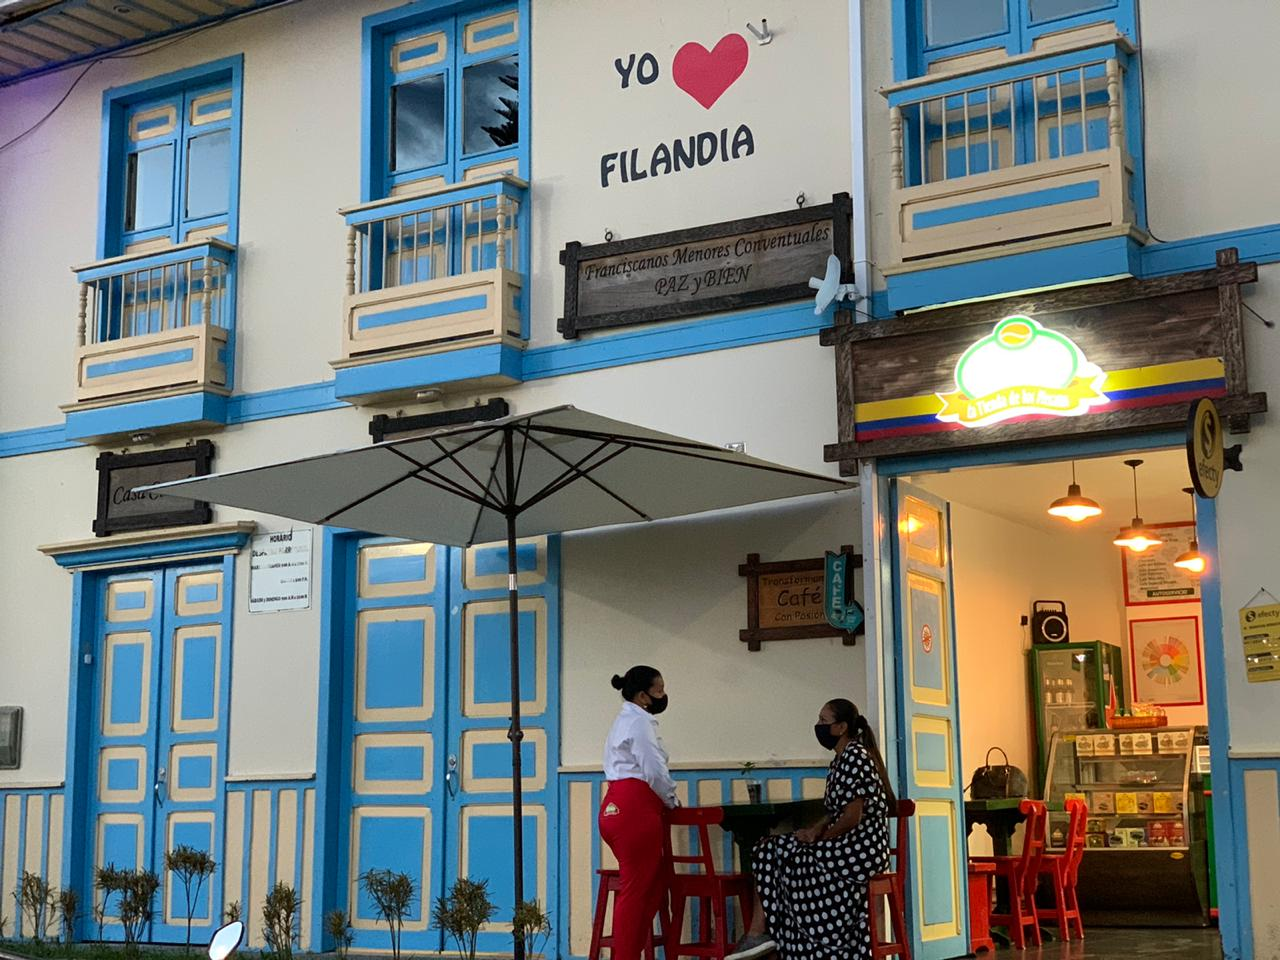 Coffee Shop La Tienda de Los Mecatos – Filandia